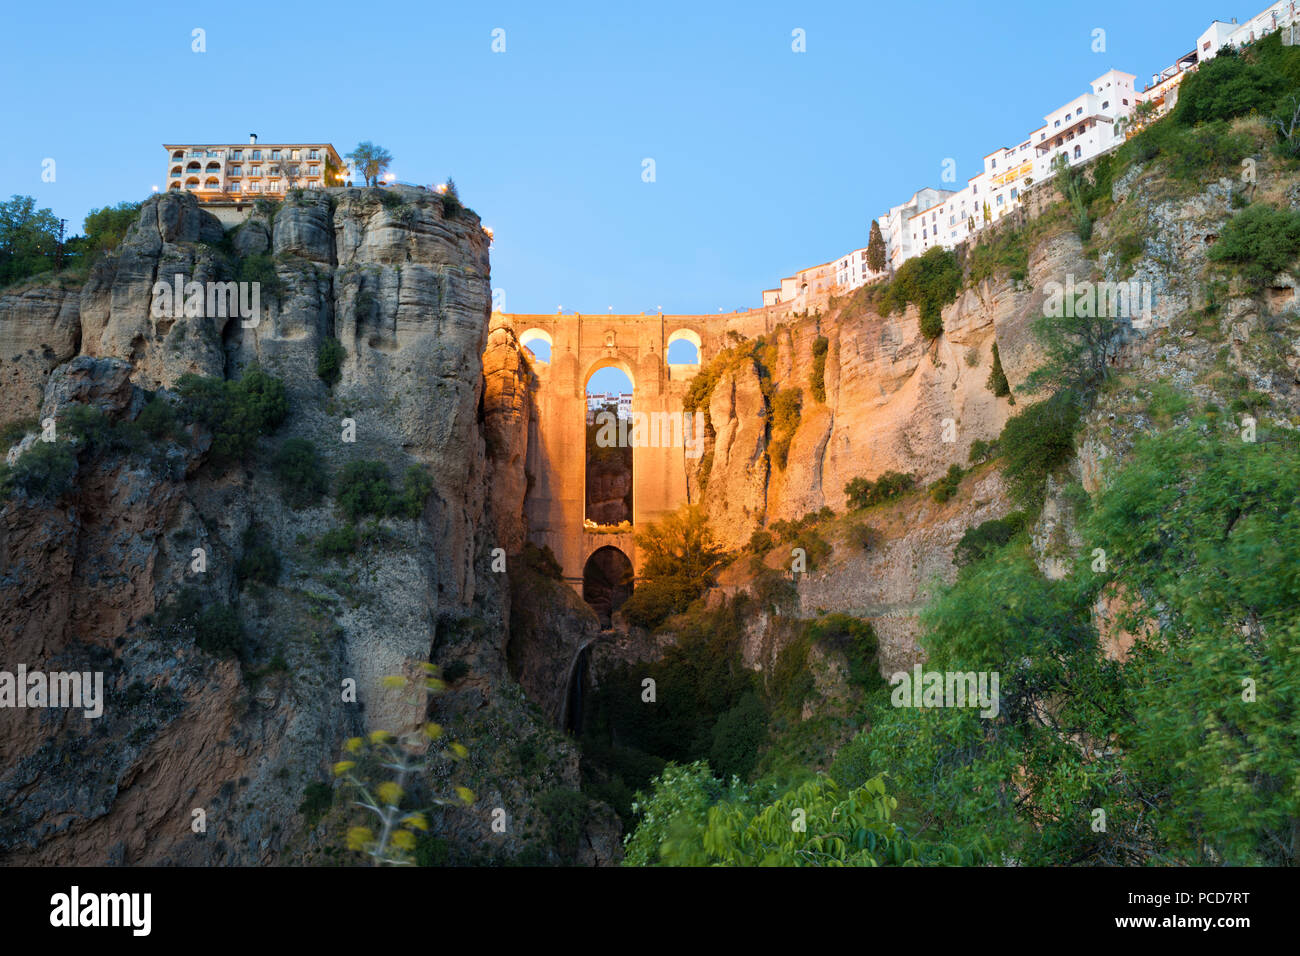 Puente Nuevo (Pont Neuf) illuminée la nuit et la ville blanche perchée sur les falaises, Ronda, Andalousie, Espagne, Europe Banque D'Images